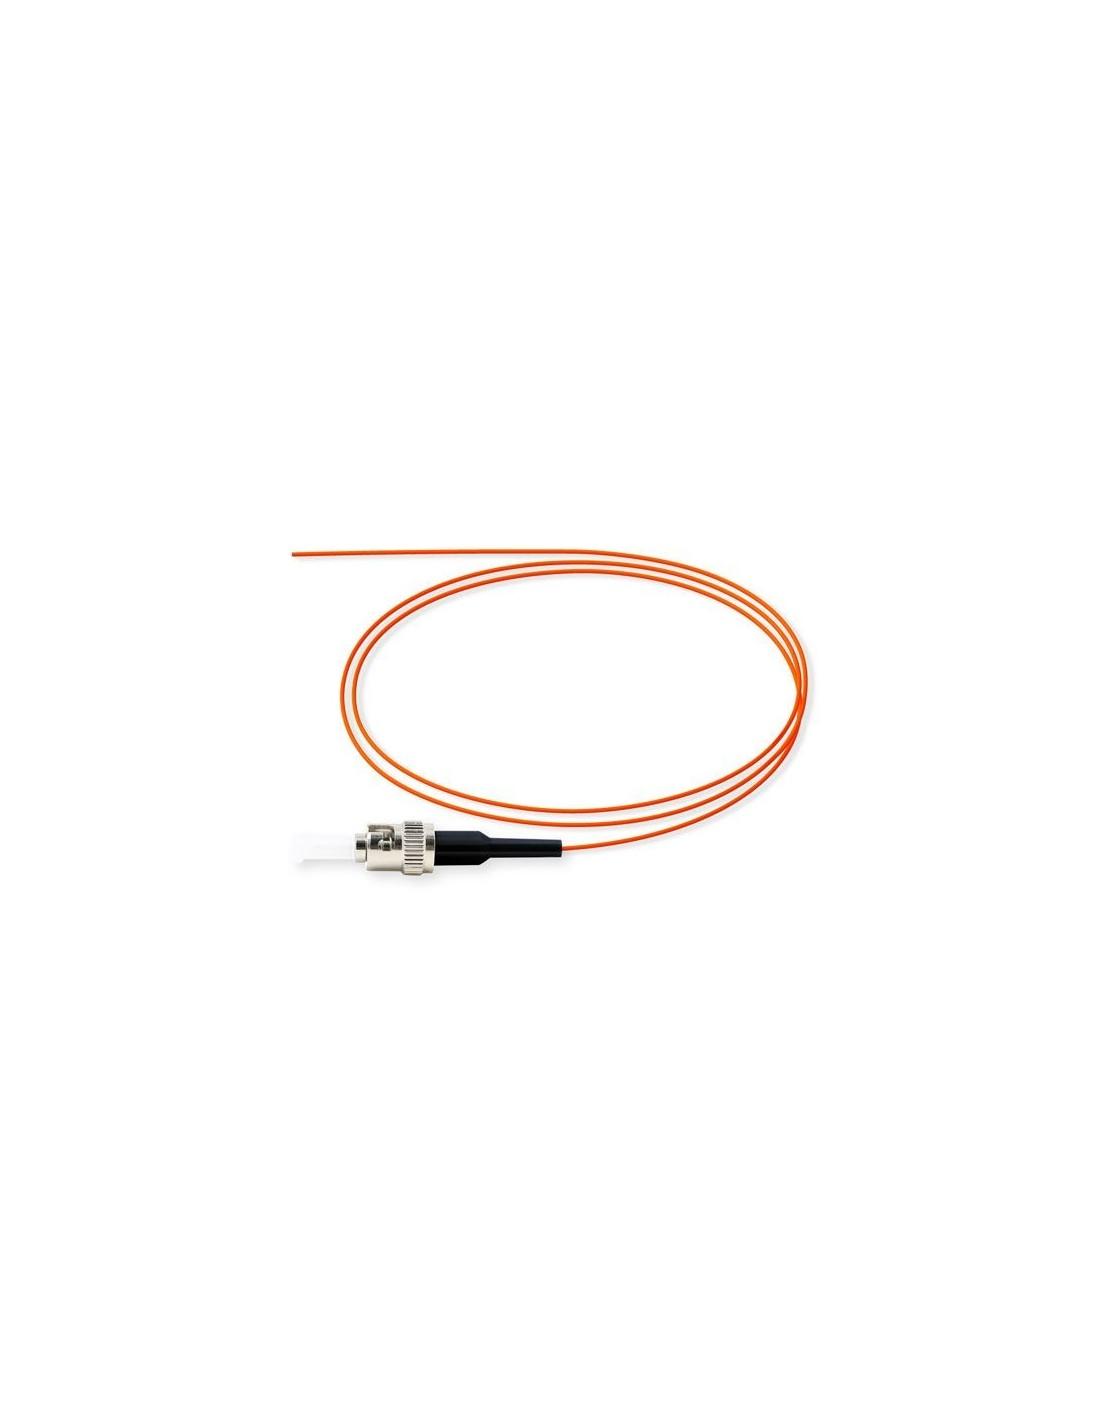 Cable NEXO DP 8x9/125 G652D